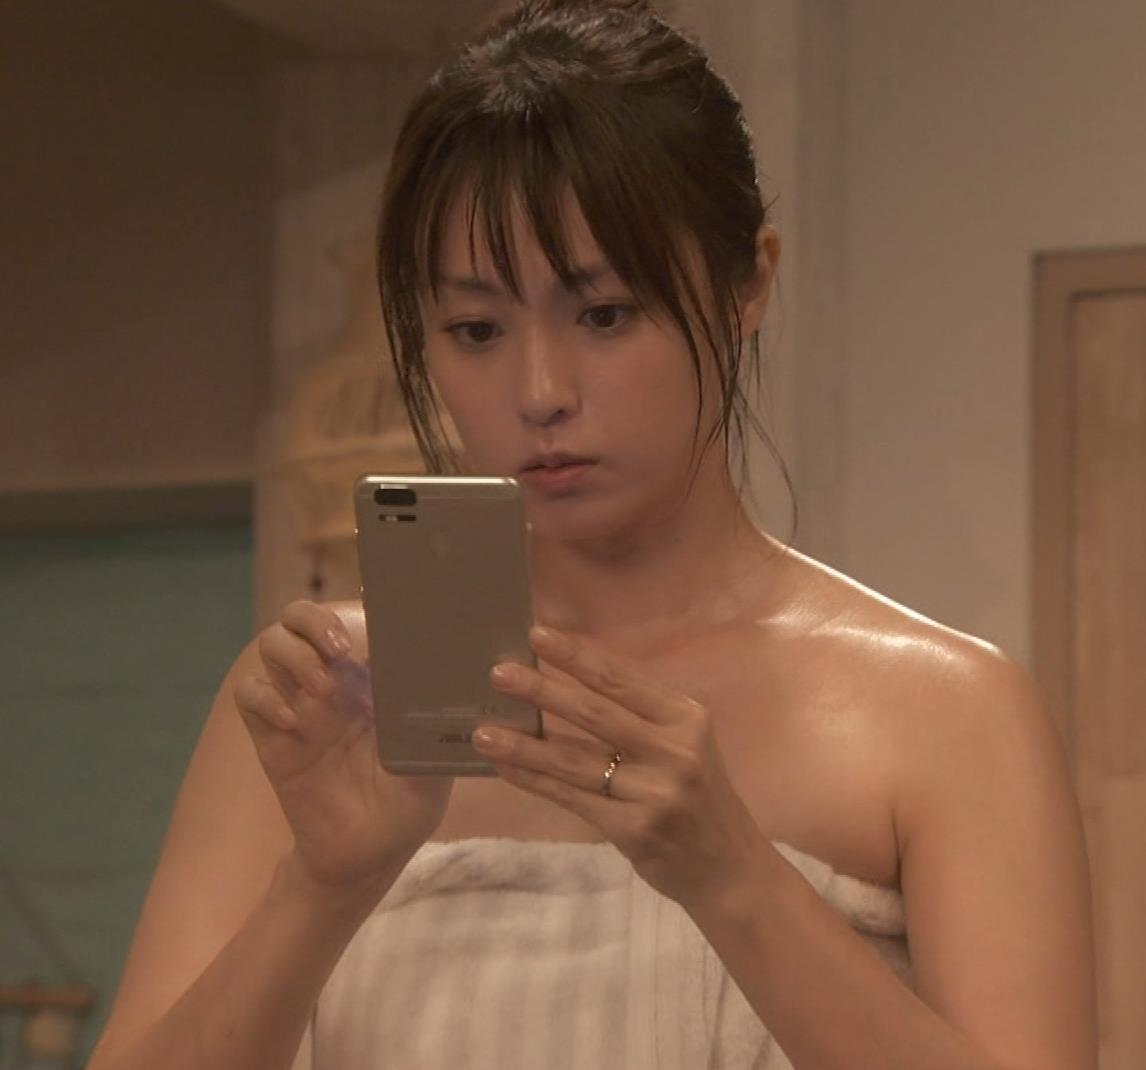 深田恭子 入浴で裸にバスタオル巻いだけキャプ・エロ画像